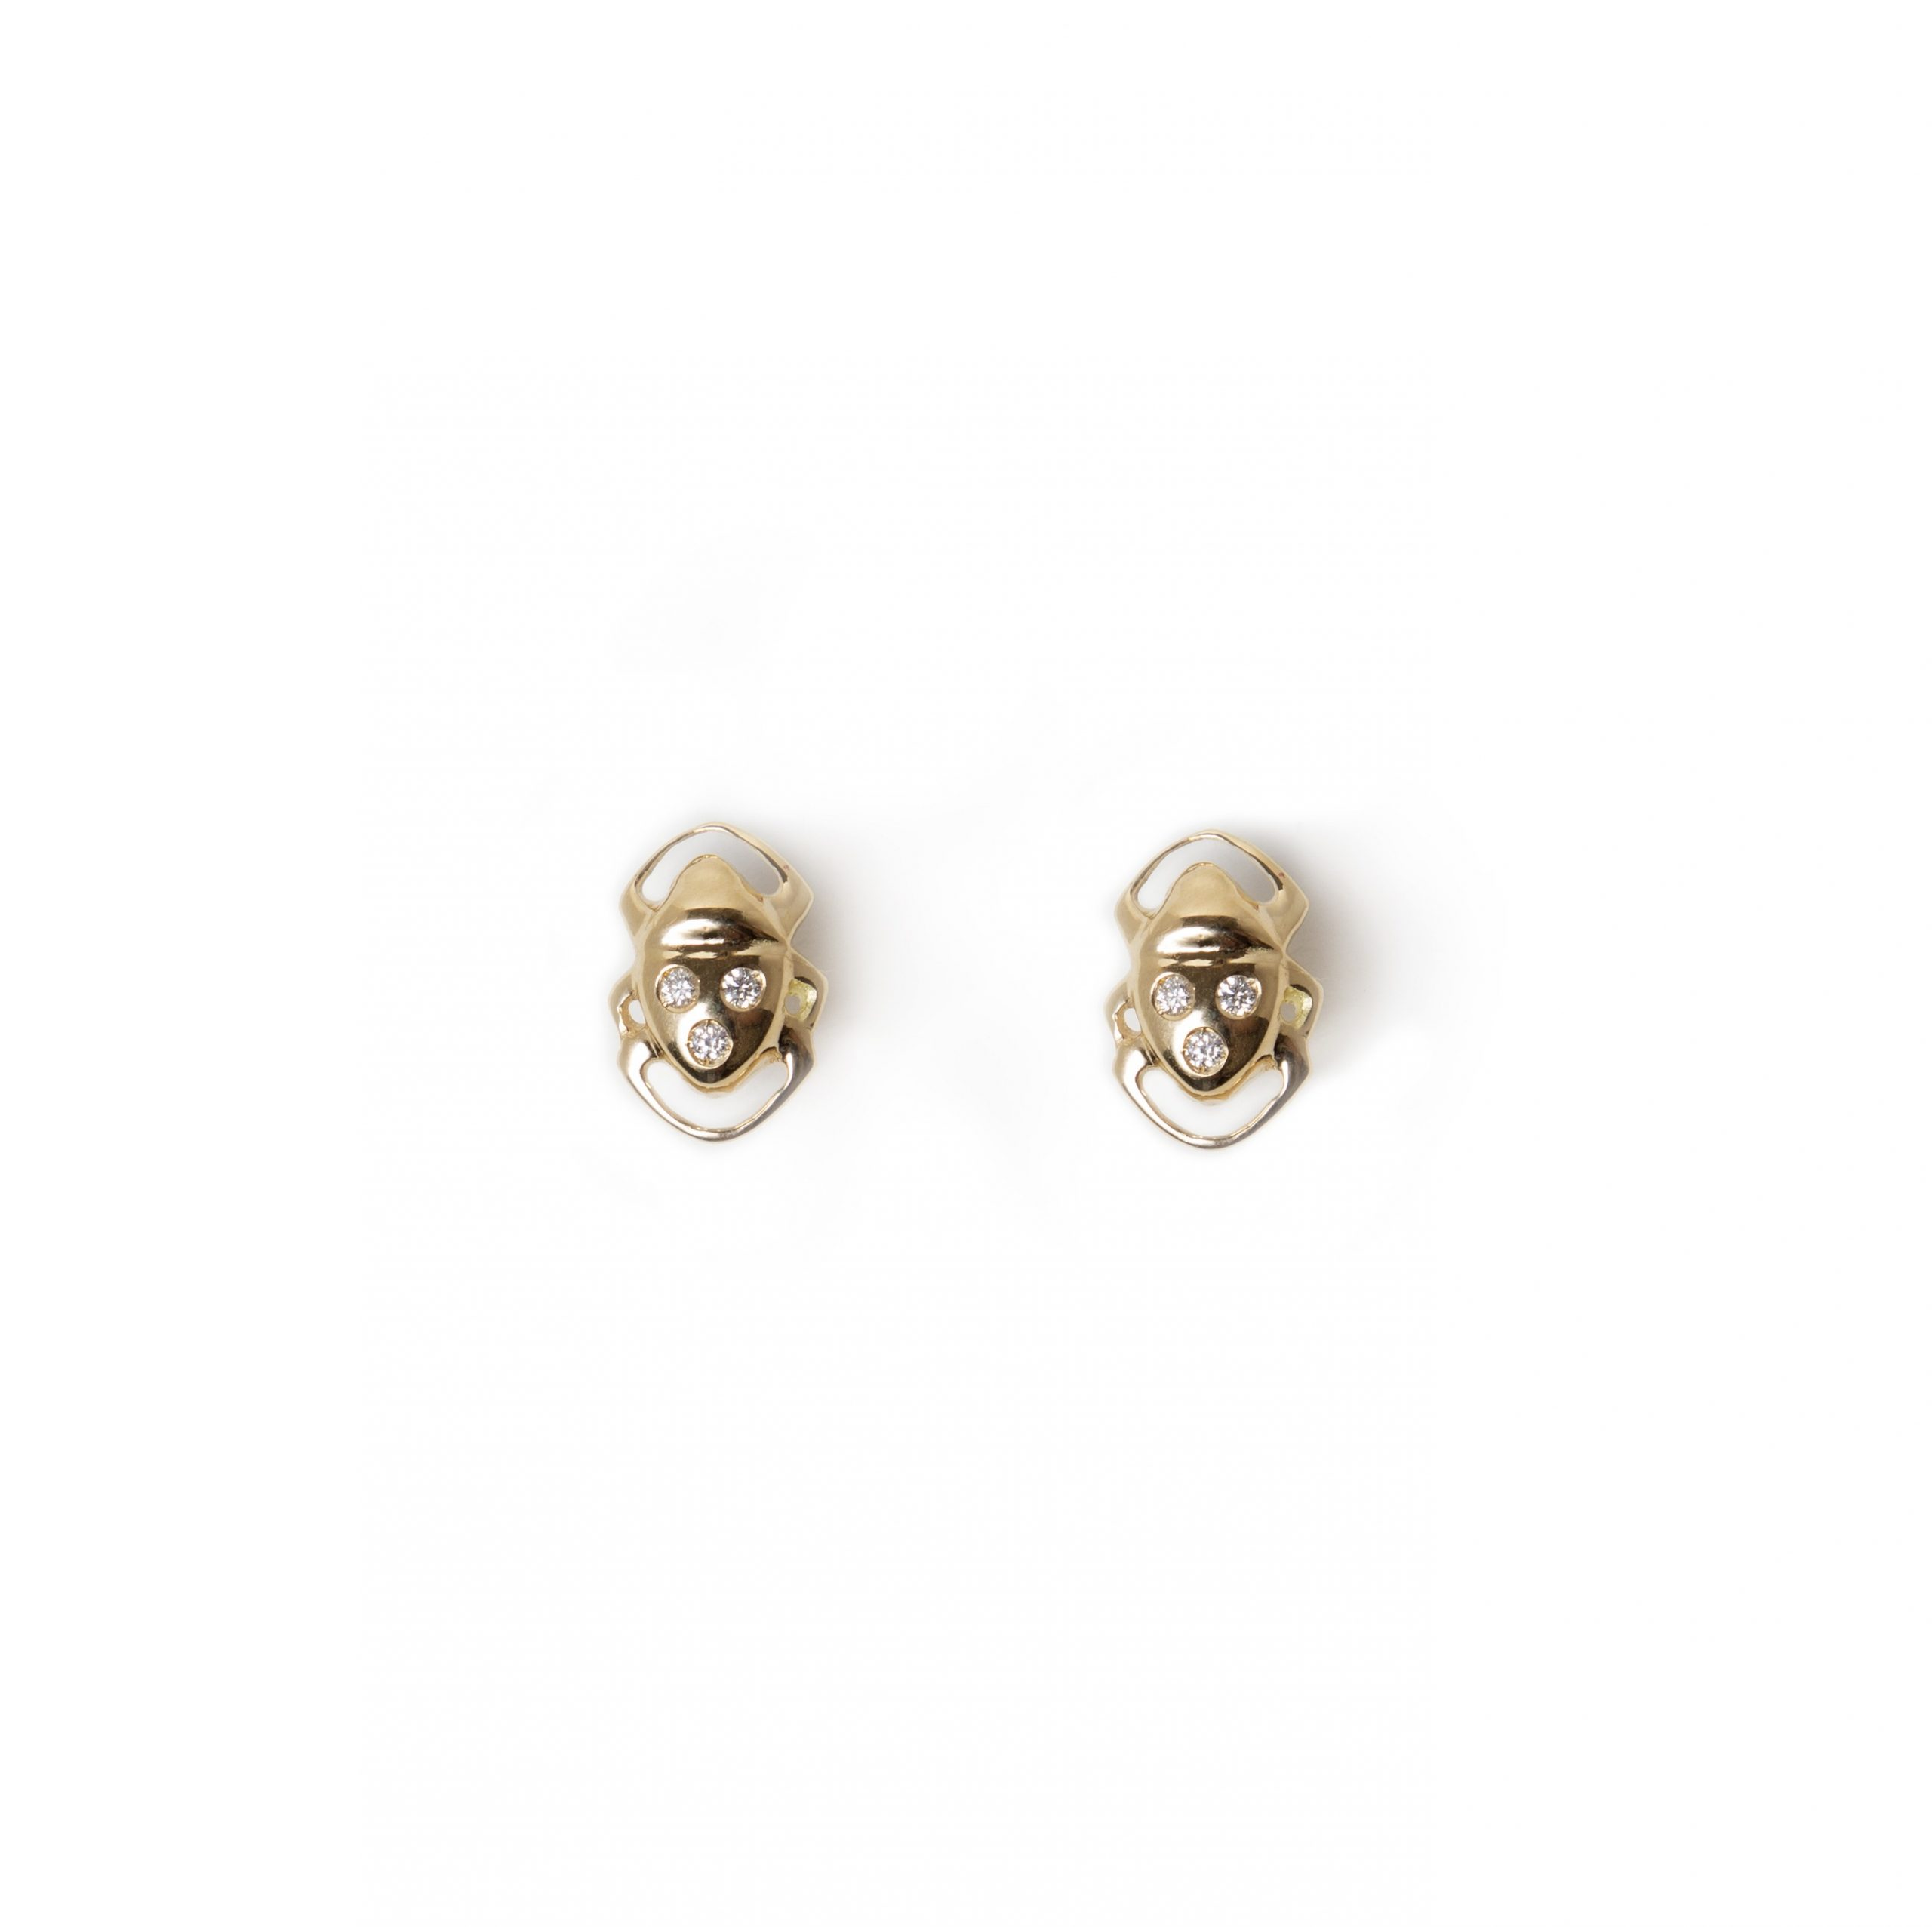 Boucles d'oreilles Athéna or 18K avec 3 diamants. Bijou fait au Québec par SCARO. Disponible chez BIRKS - Montréal.